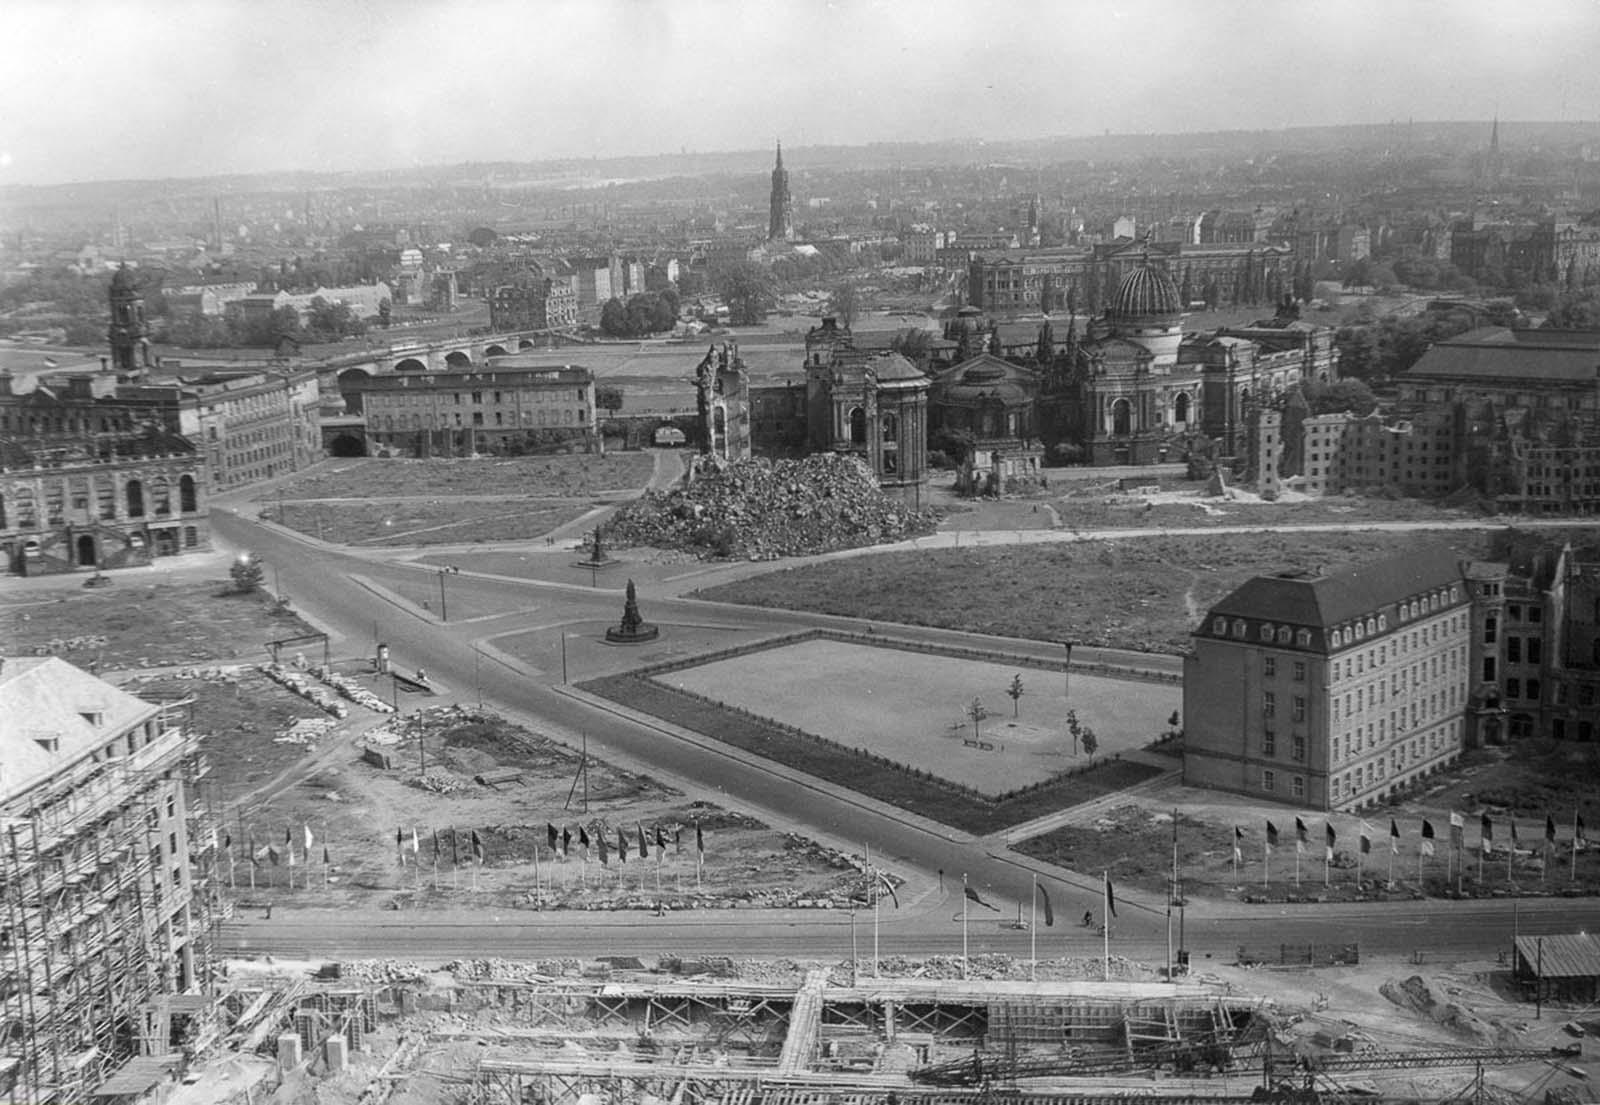 Dresden in 1961.